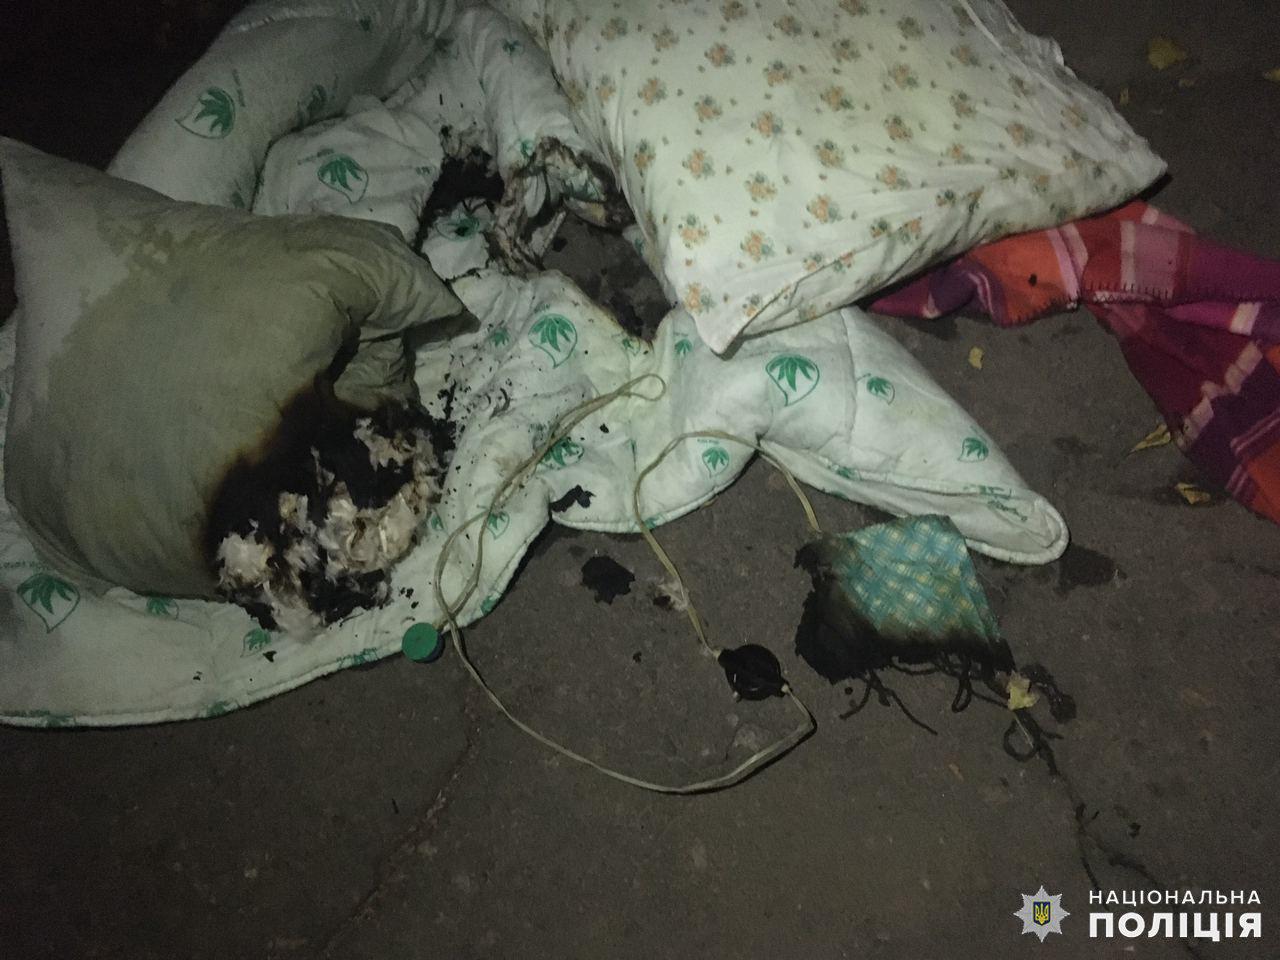 Вчора ввечері у Дружківці поліцейські врятували літню жінку від пожежі (ФОТО), фото-3